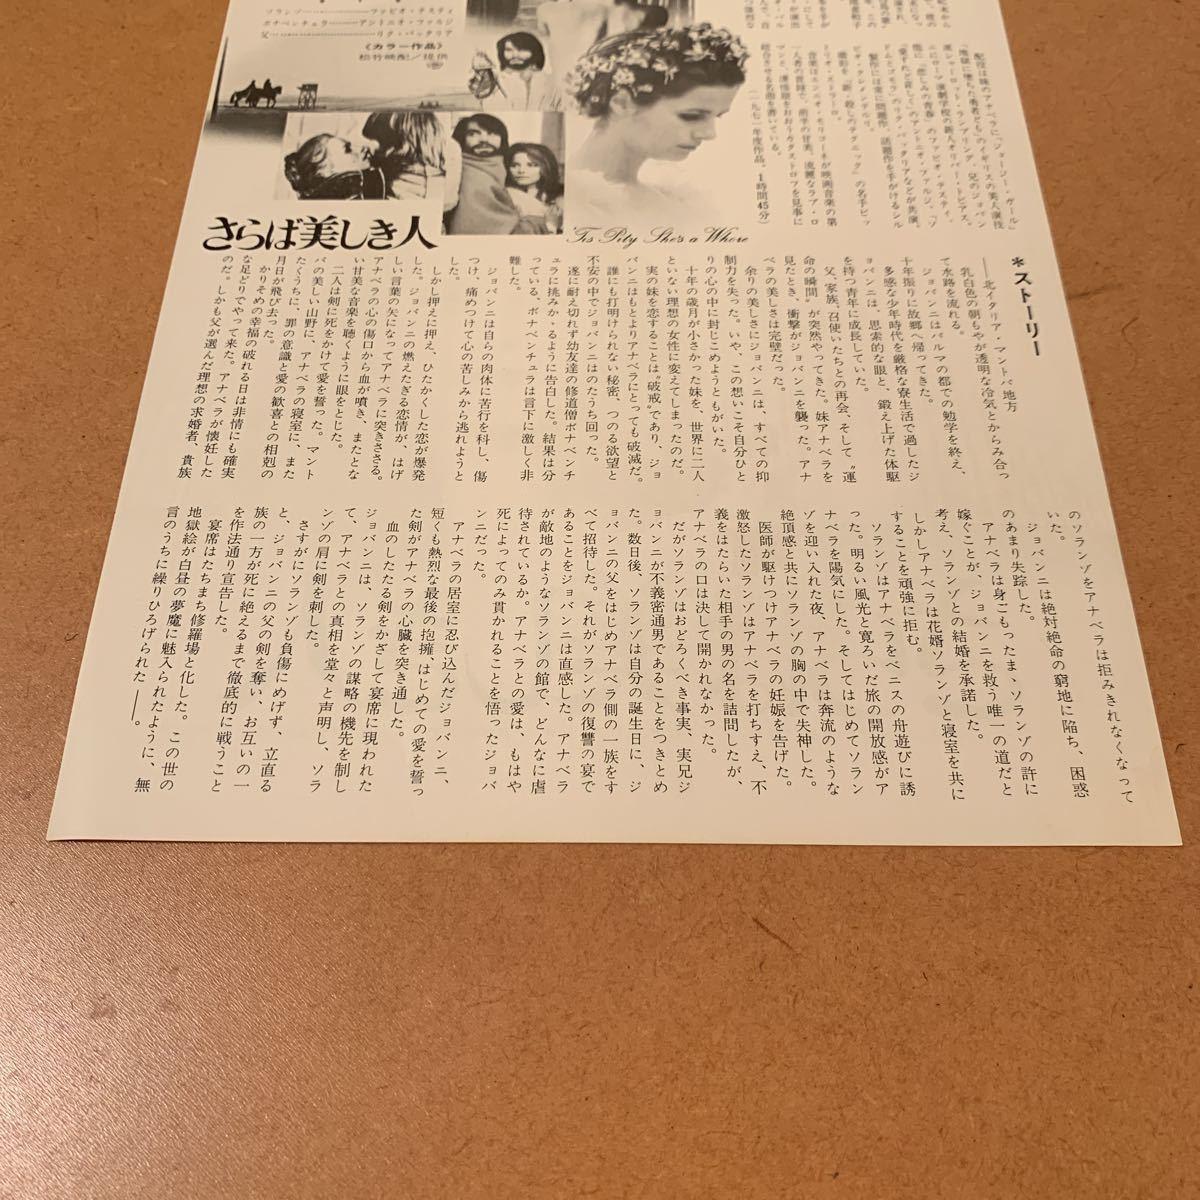 【映画チラシ】『さらば美しき人』1972年公開作品 主演:シャーロット・ランプリング_画像6